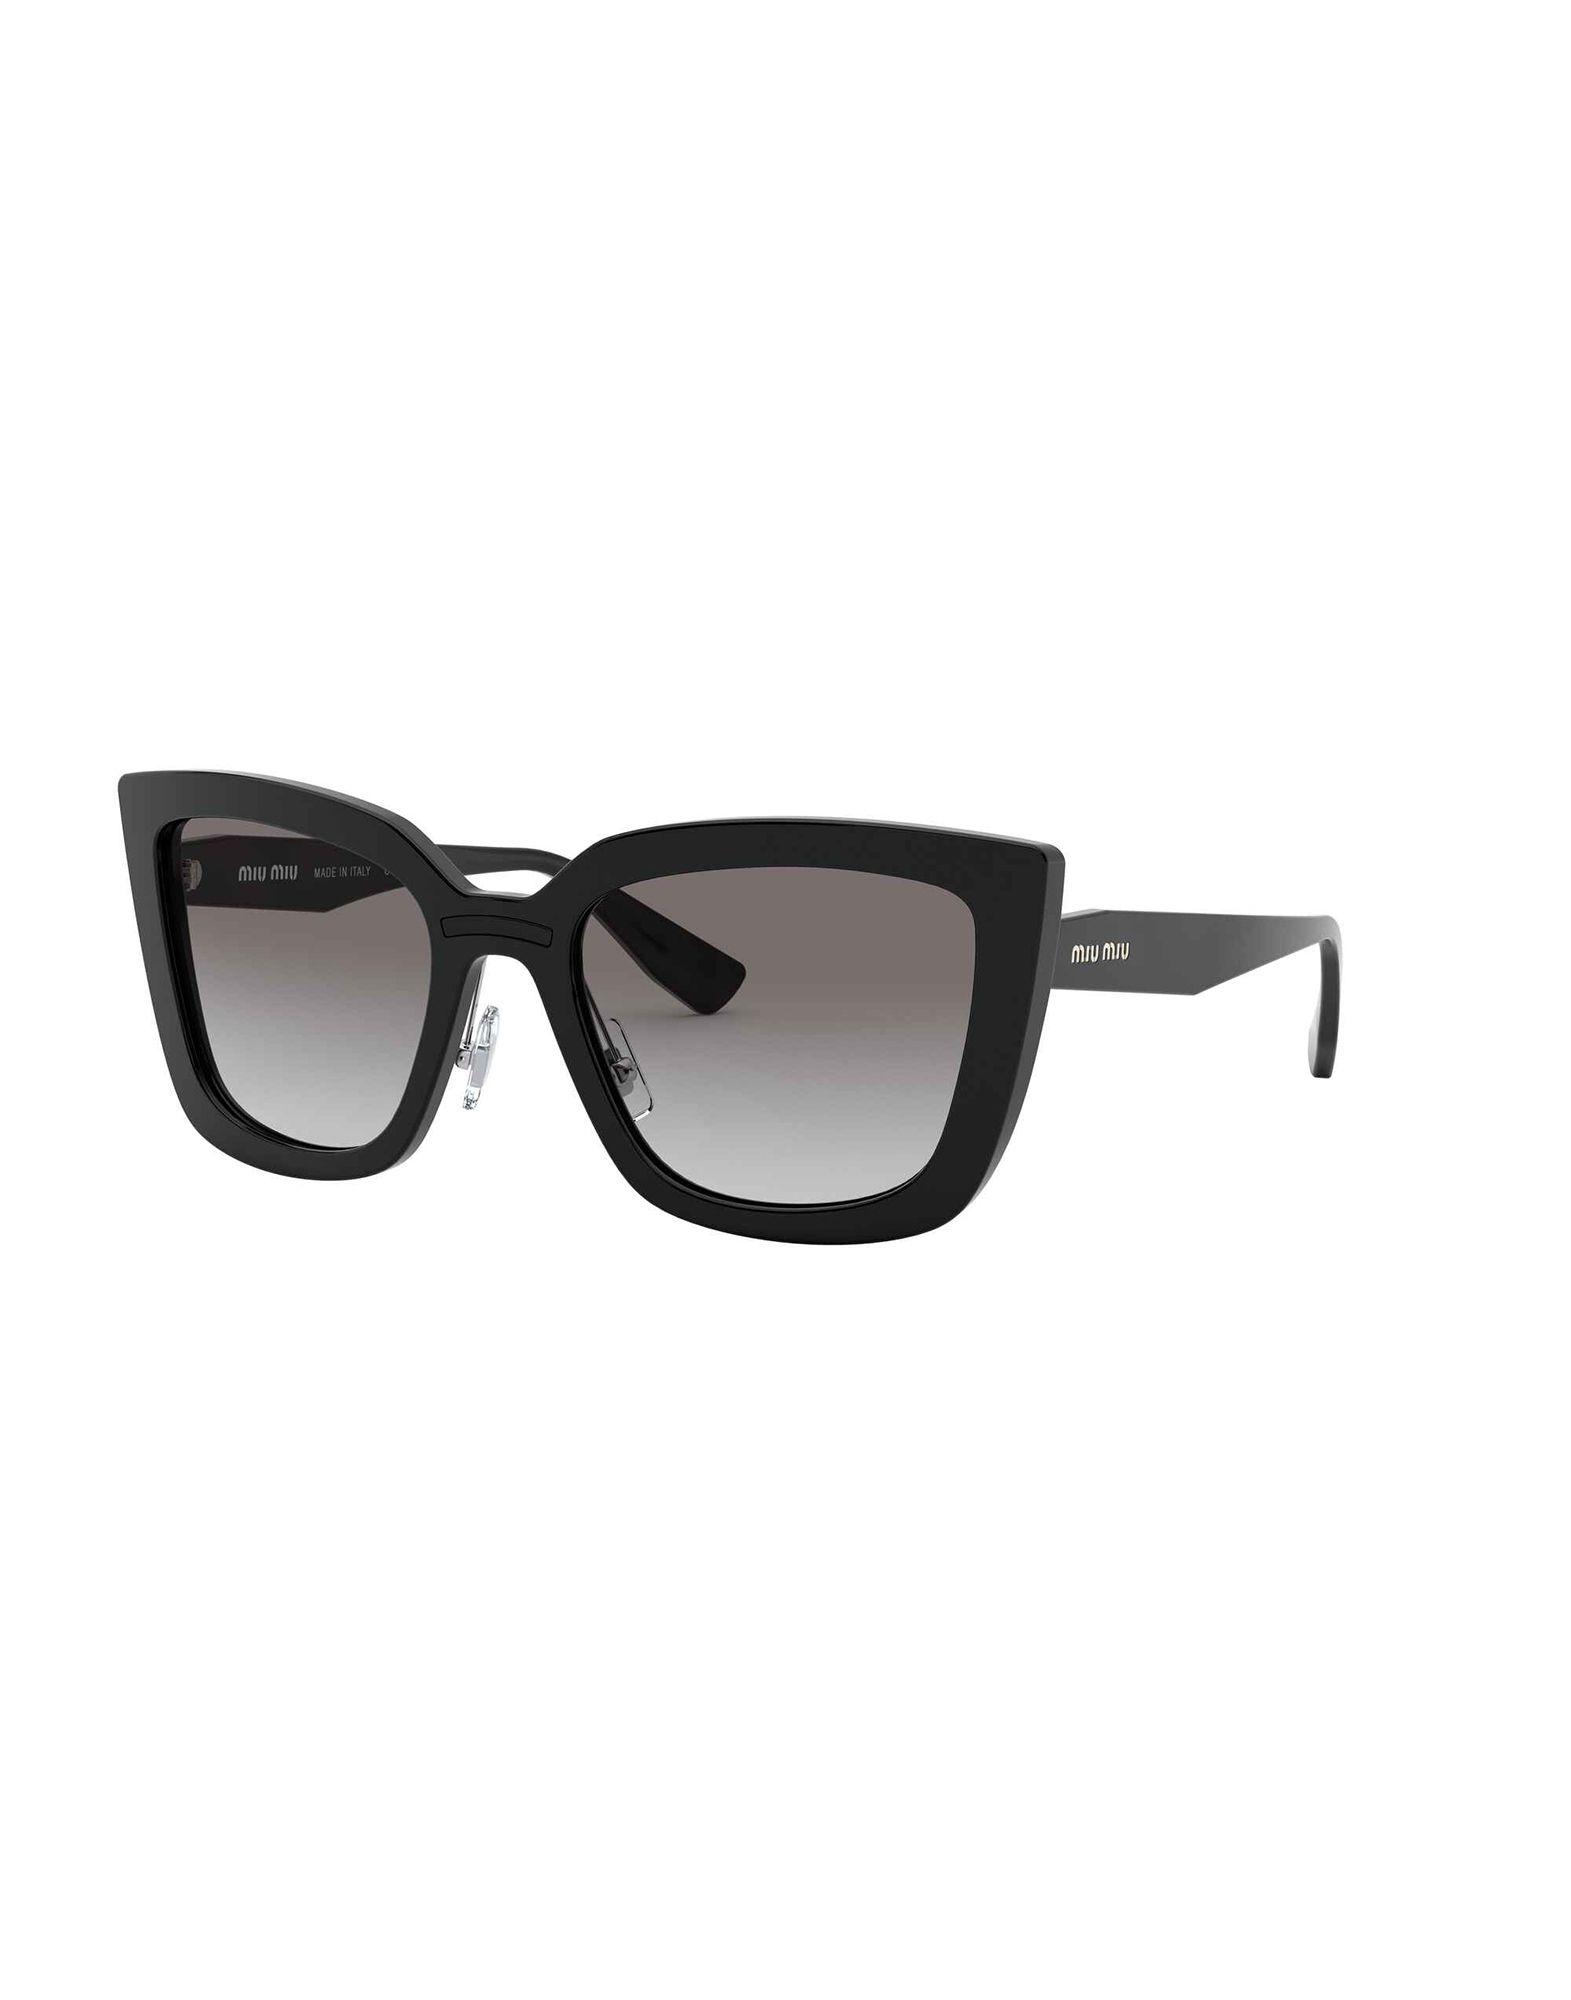 MIU MIU Солнечные очки очки солнцезащитные miu miu miu miu mi007dwzaw70